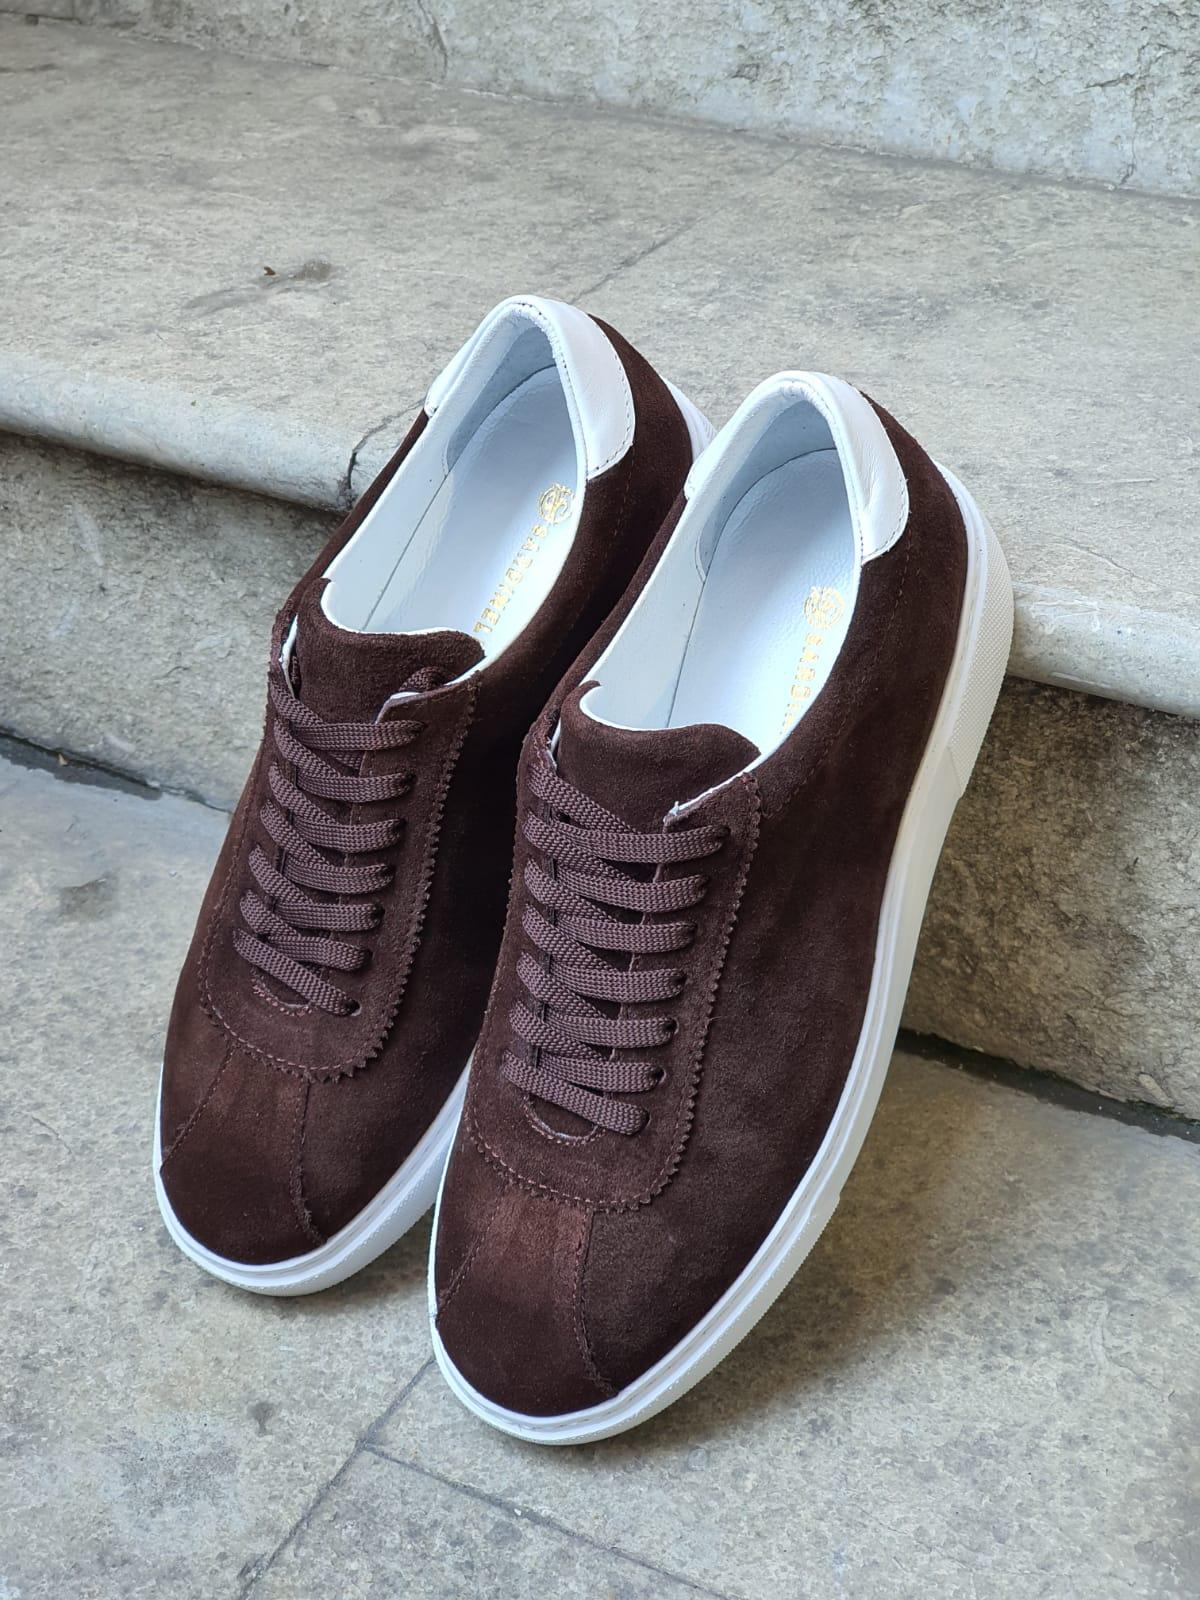 Aysoti Brown Mid-Top Suede Sneaker